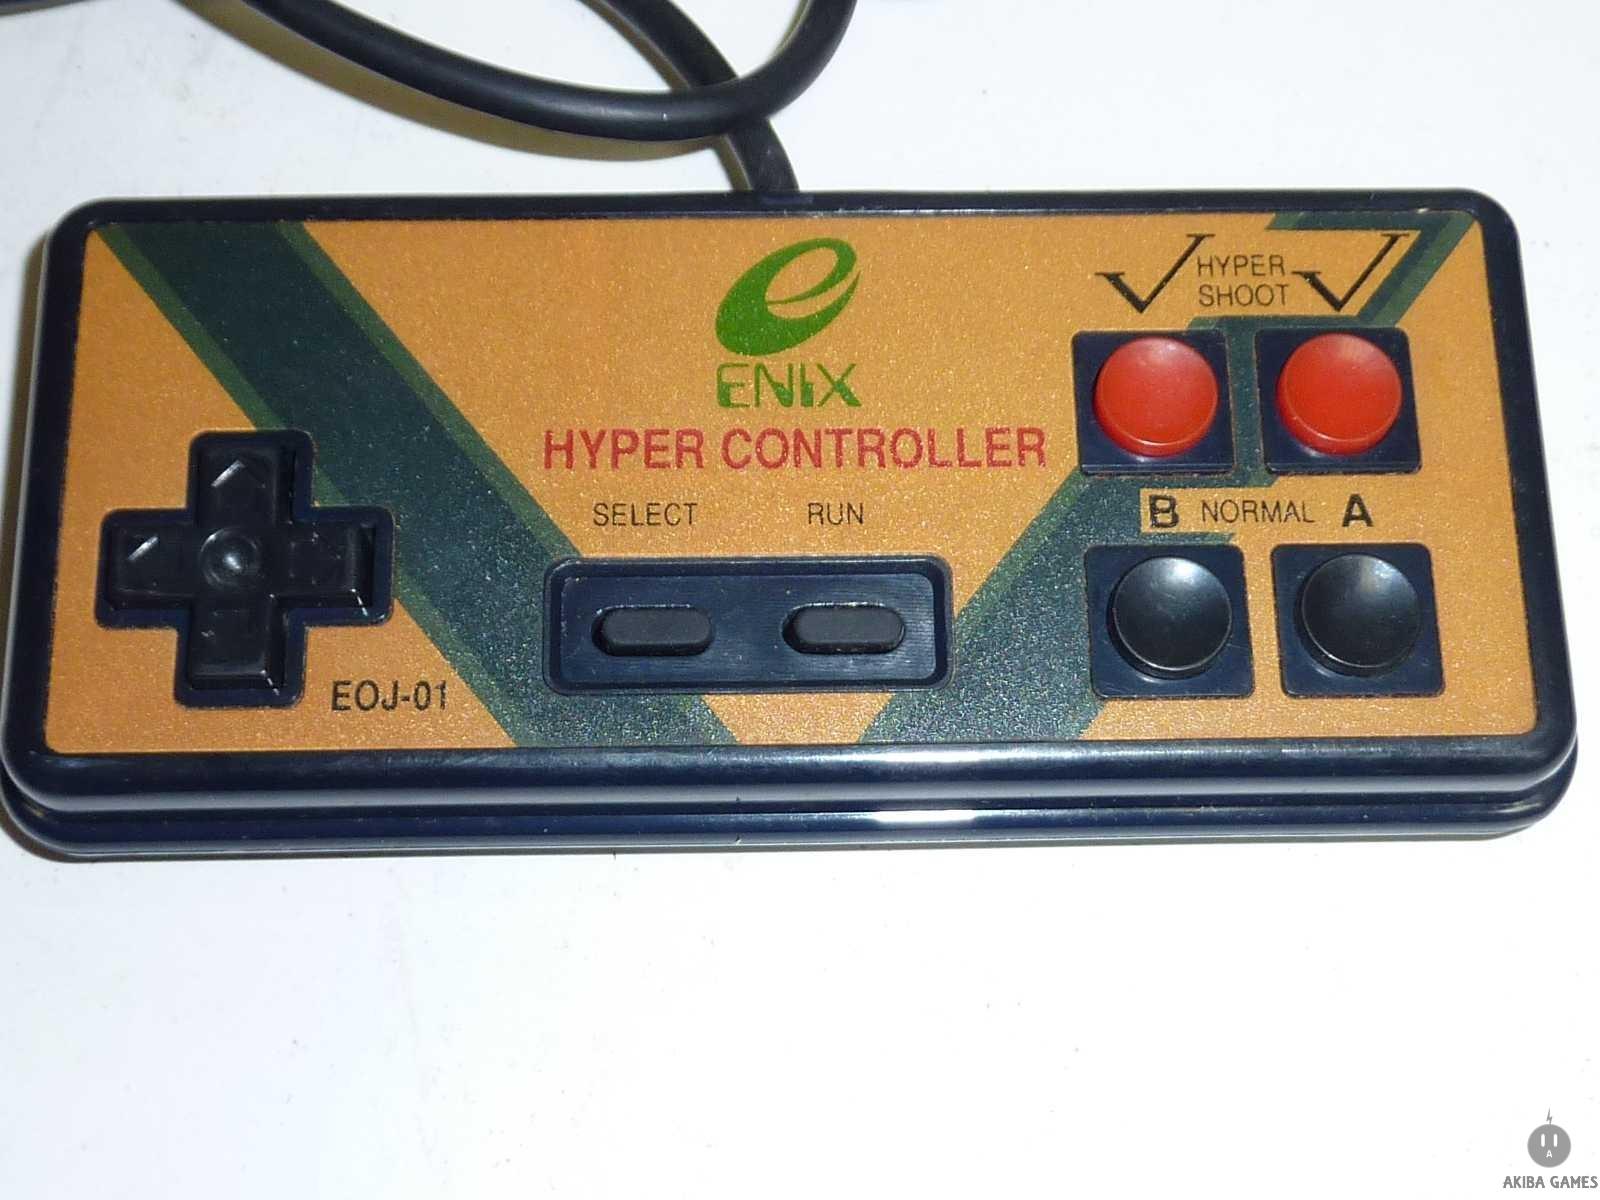 [FMT] ENIX Hyper Controller EOJ-01 (NO BOX, NO BOOK)